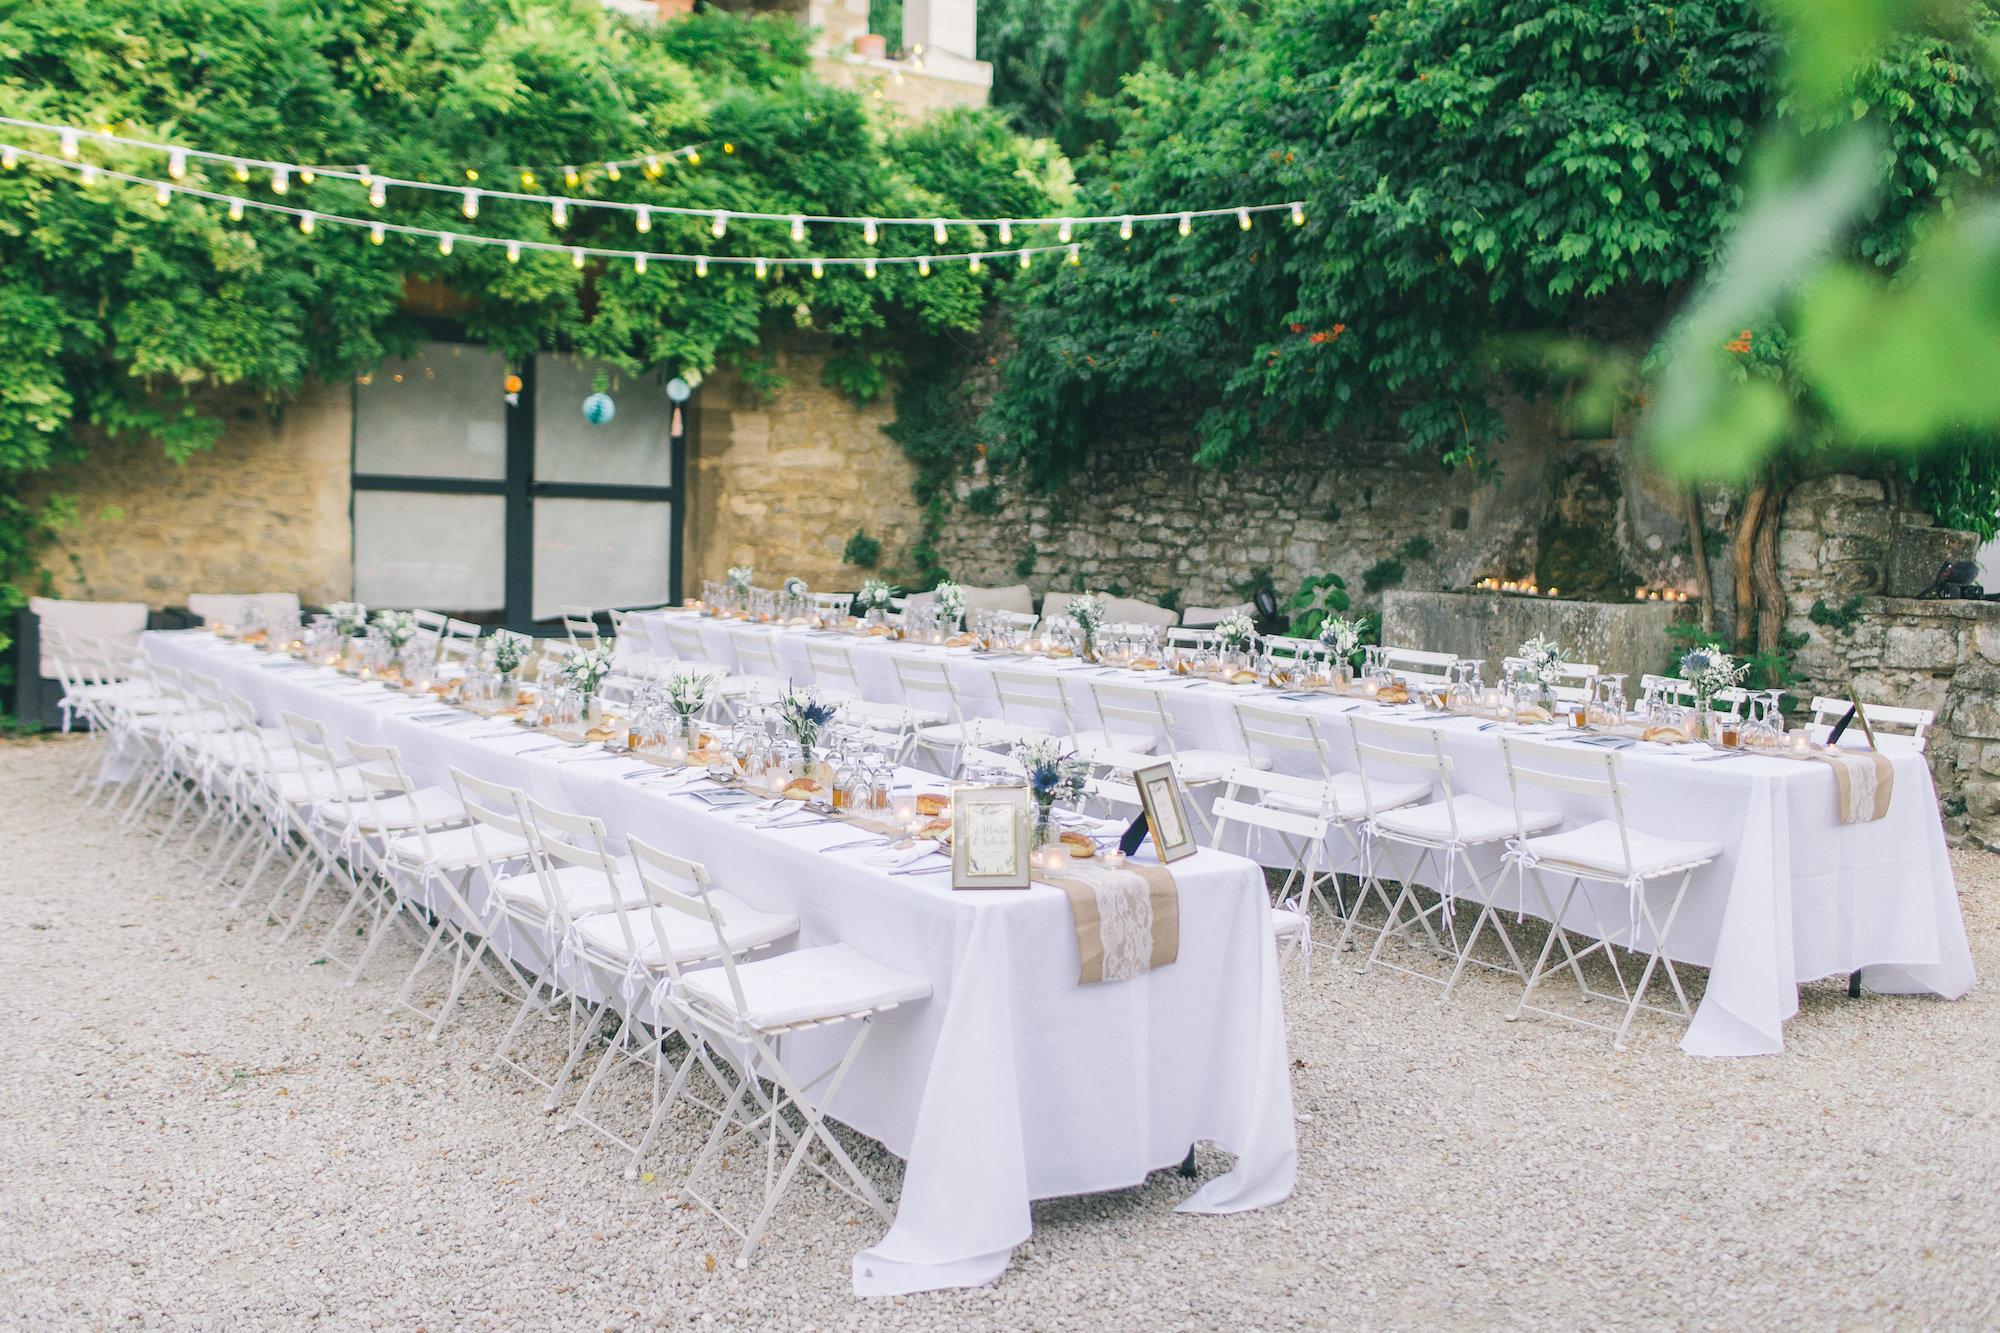 le coeur dans les etoiles - wedding planner - gard - provence - mariage provence - L&C - sebastien cabanes - repas en plein air